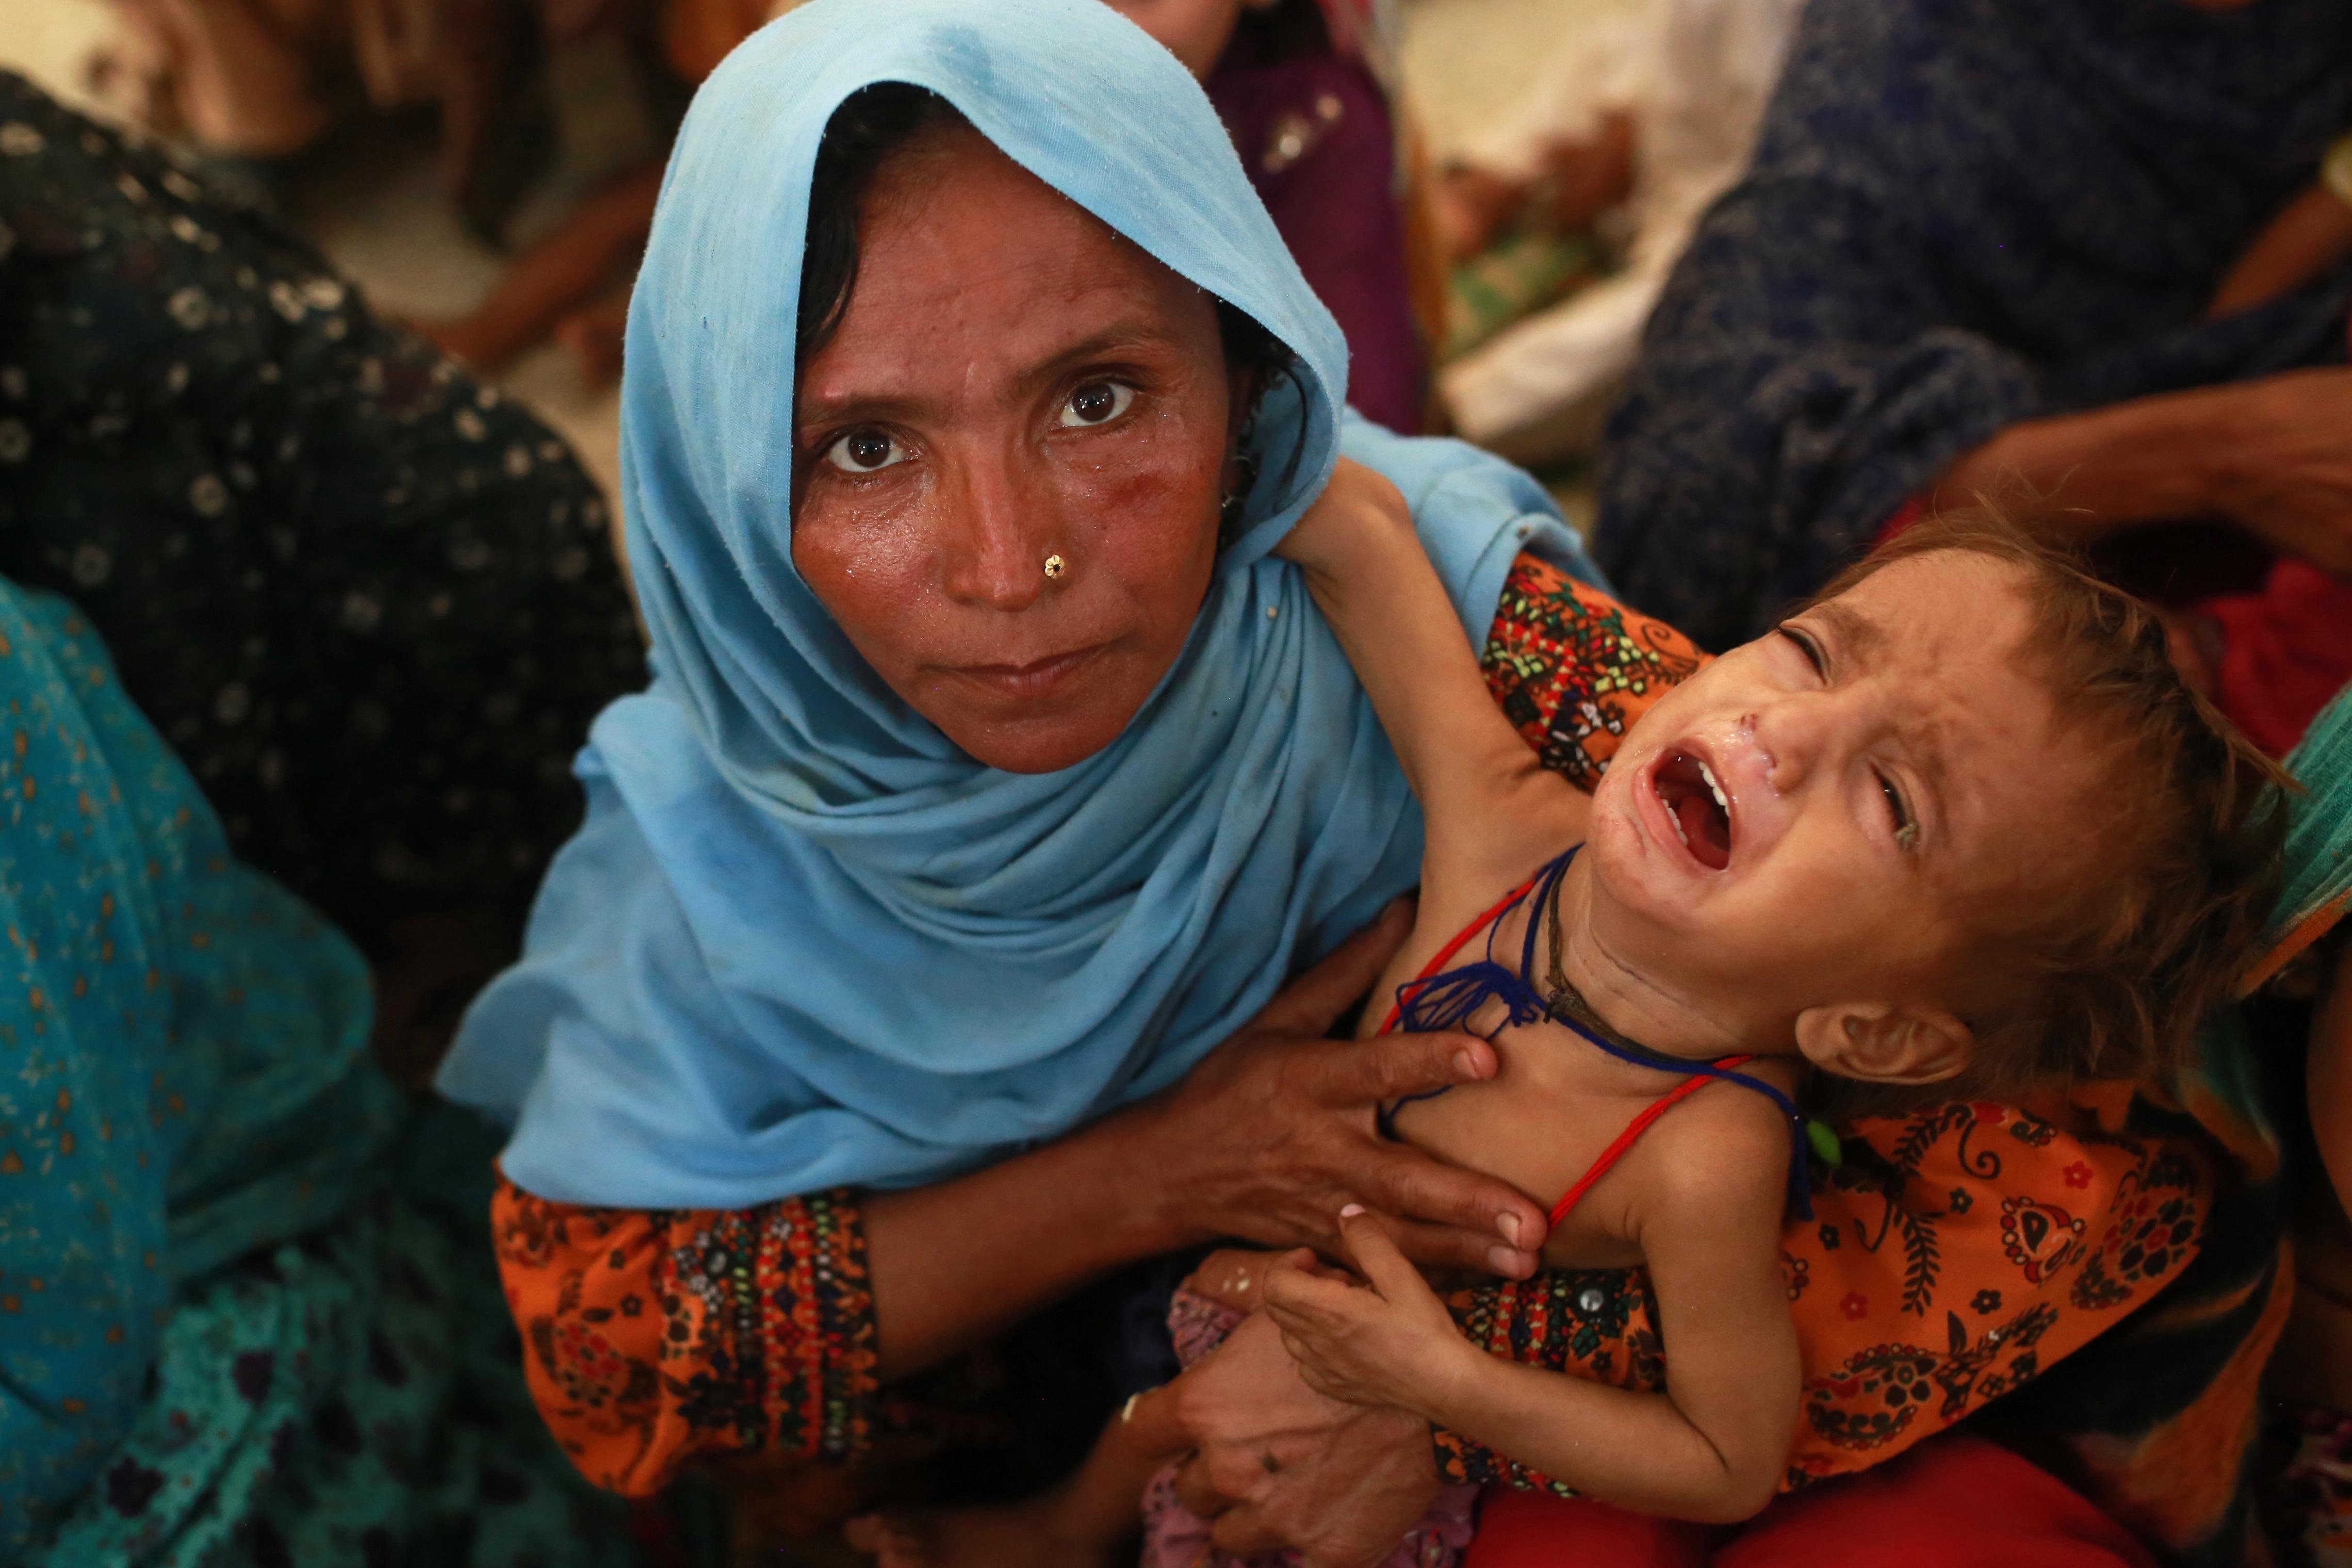 پاکستان نے کرم ایجنسی میں طبی امداد فراہم کرنے والے گروپ کو کام کرنے سے روک دیا